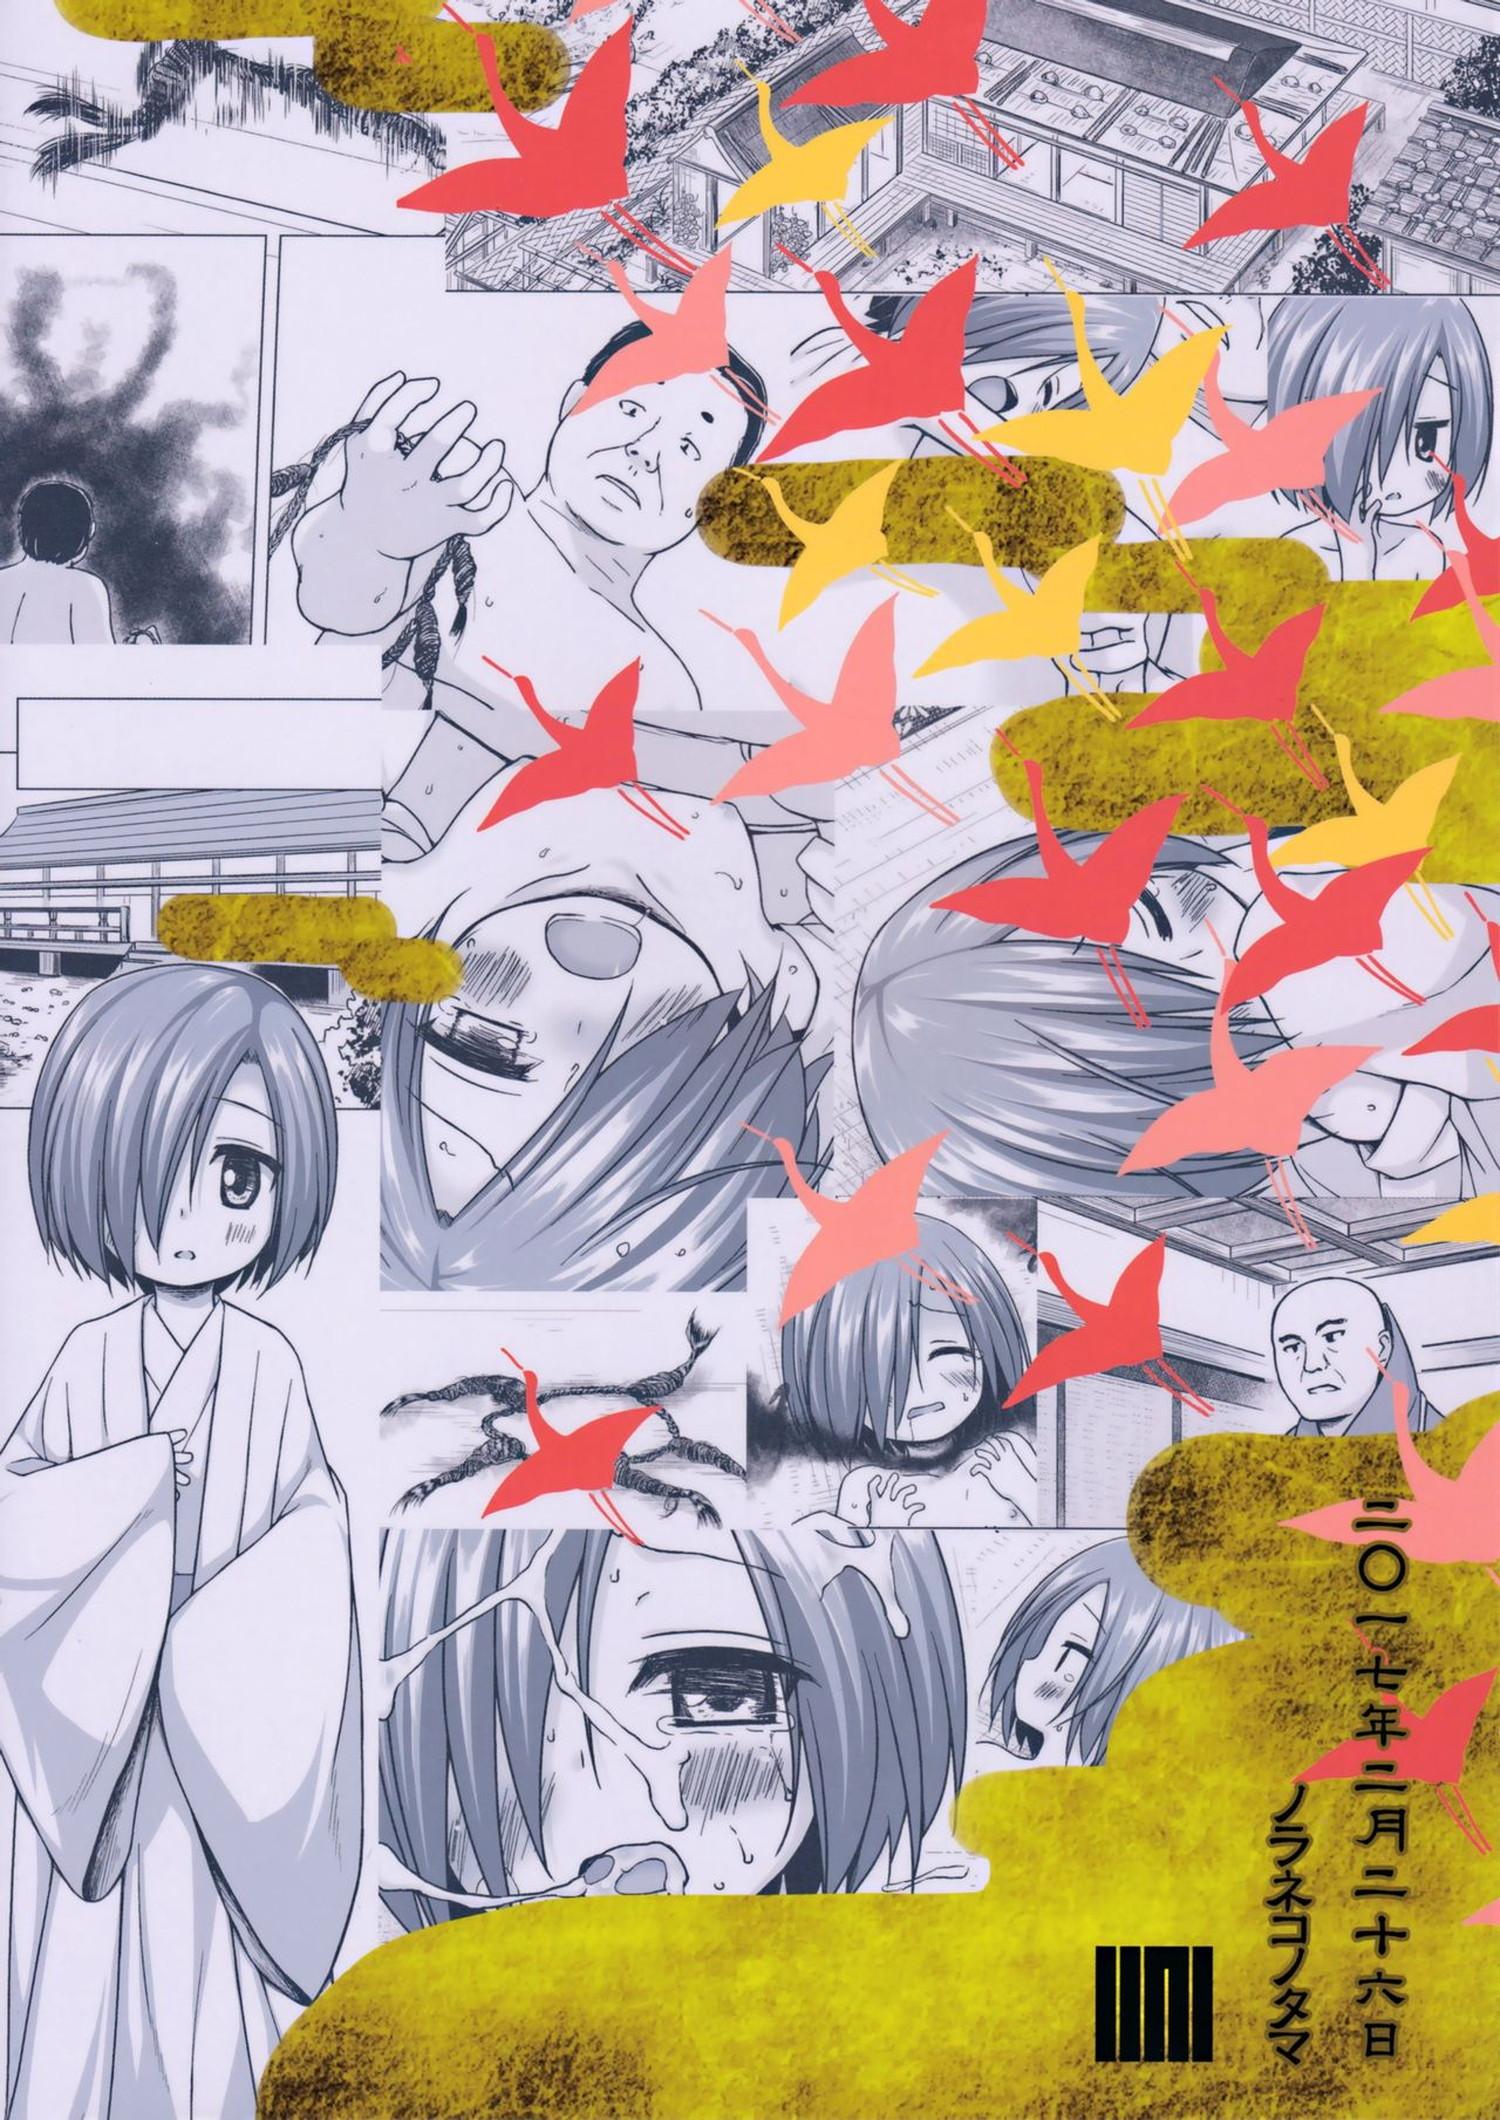 【エロ漫画】人間不信の黒髪幼女を攻略して自分だけのものにwww【無料 エロ同人誌】 (26)